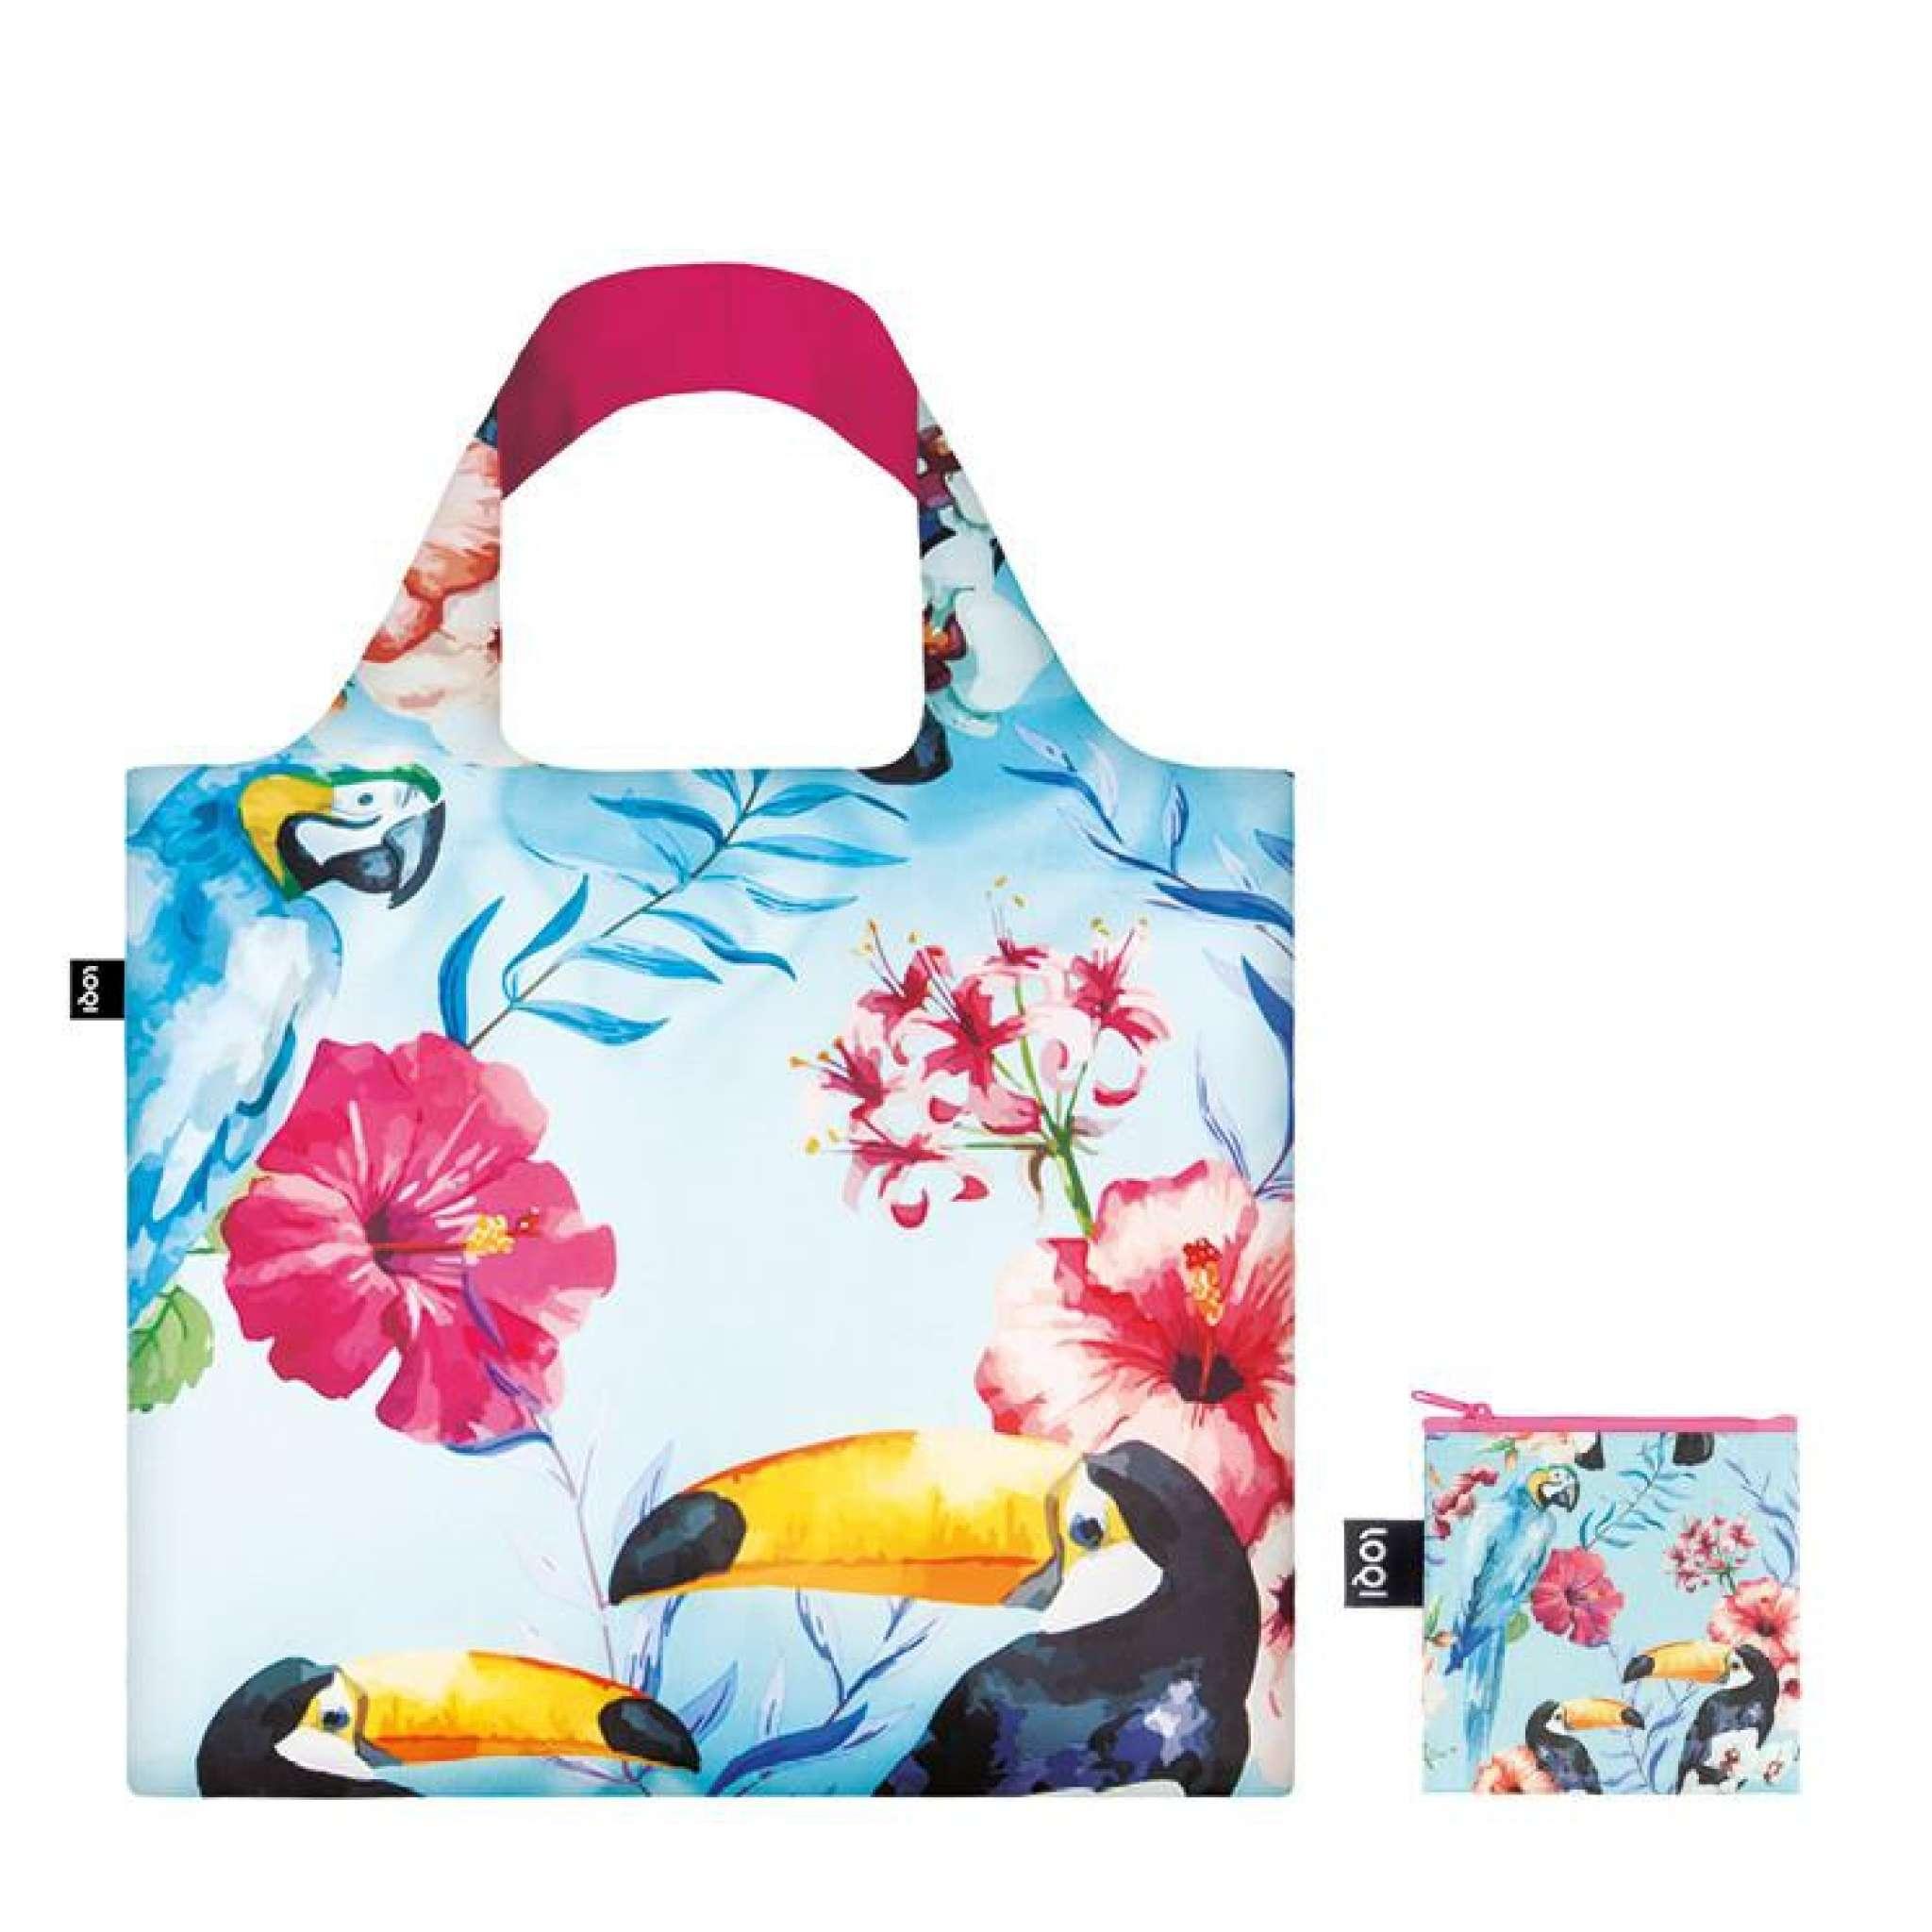 Shoppingbag, WILD Birds